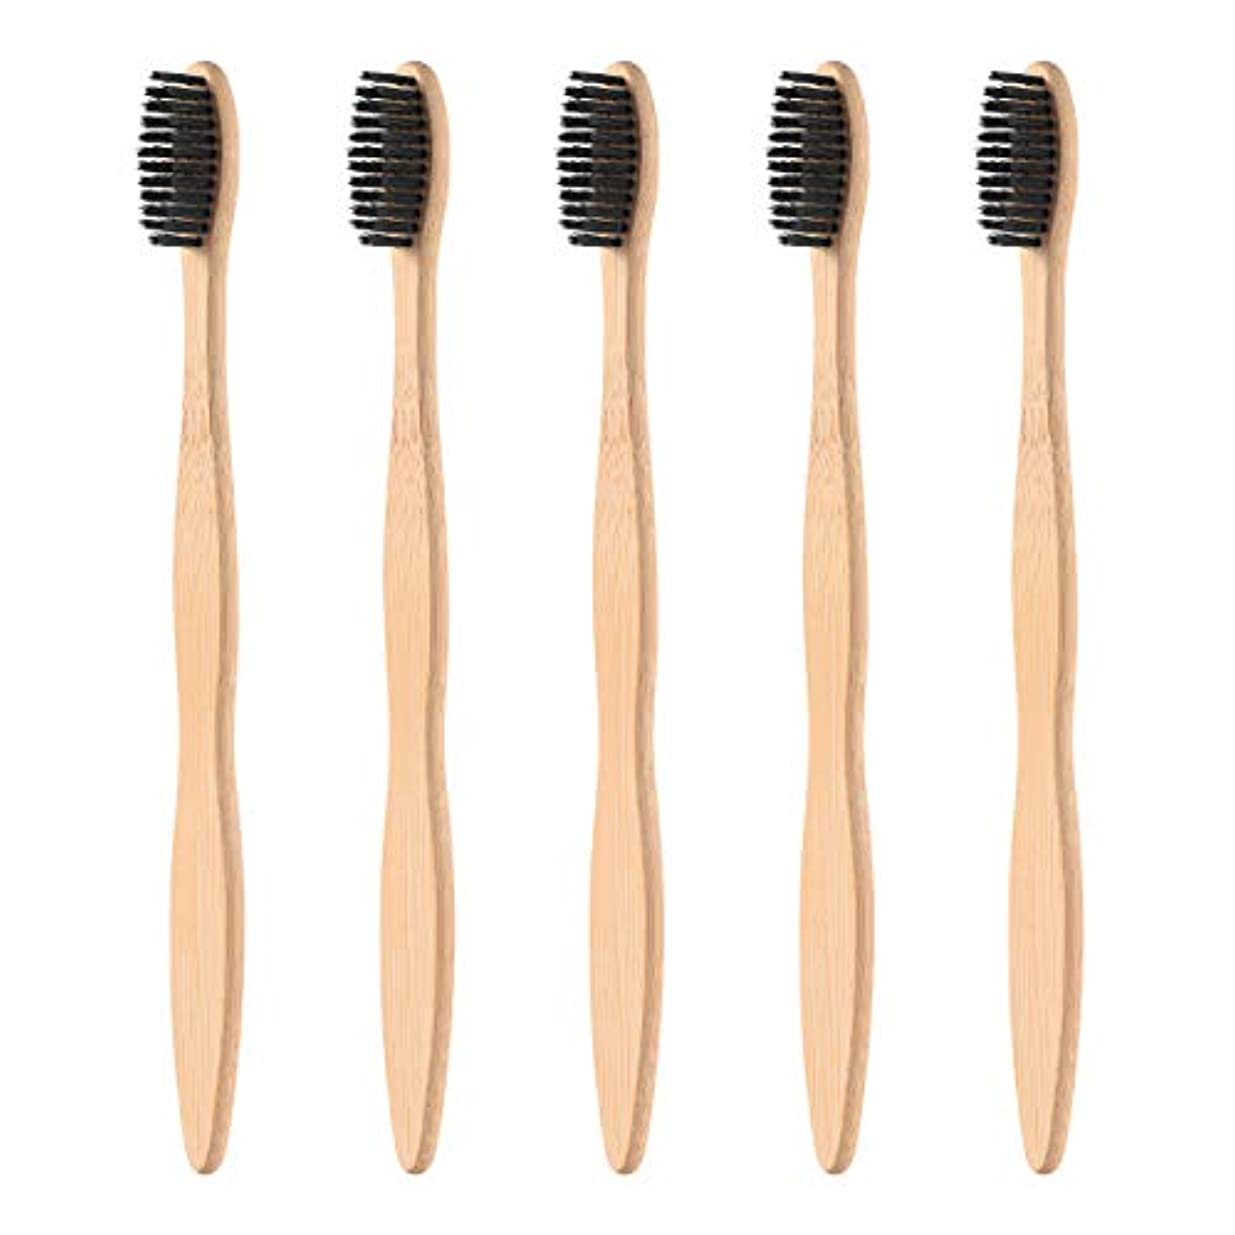 時計強います面倒SUPVOX 5本の天然竹製の歯ブラシ木製エコフレンドリーな歯ブラシで黒く柔らかい剛毛